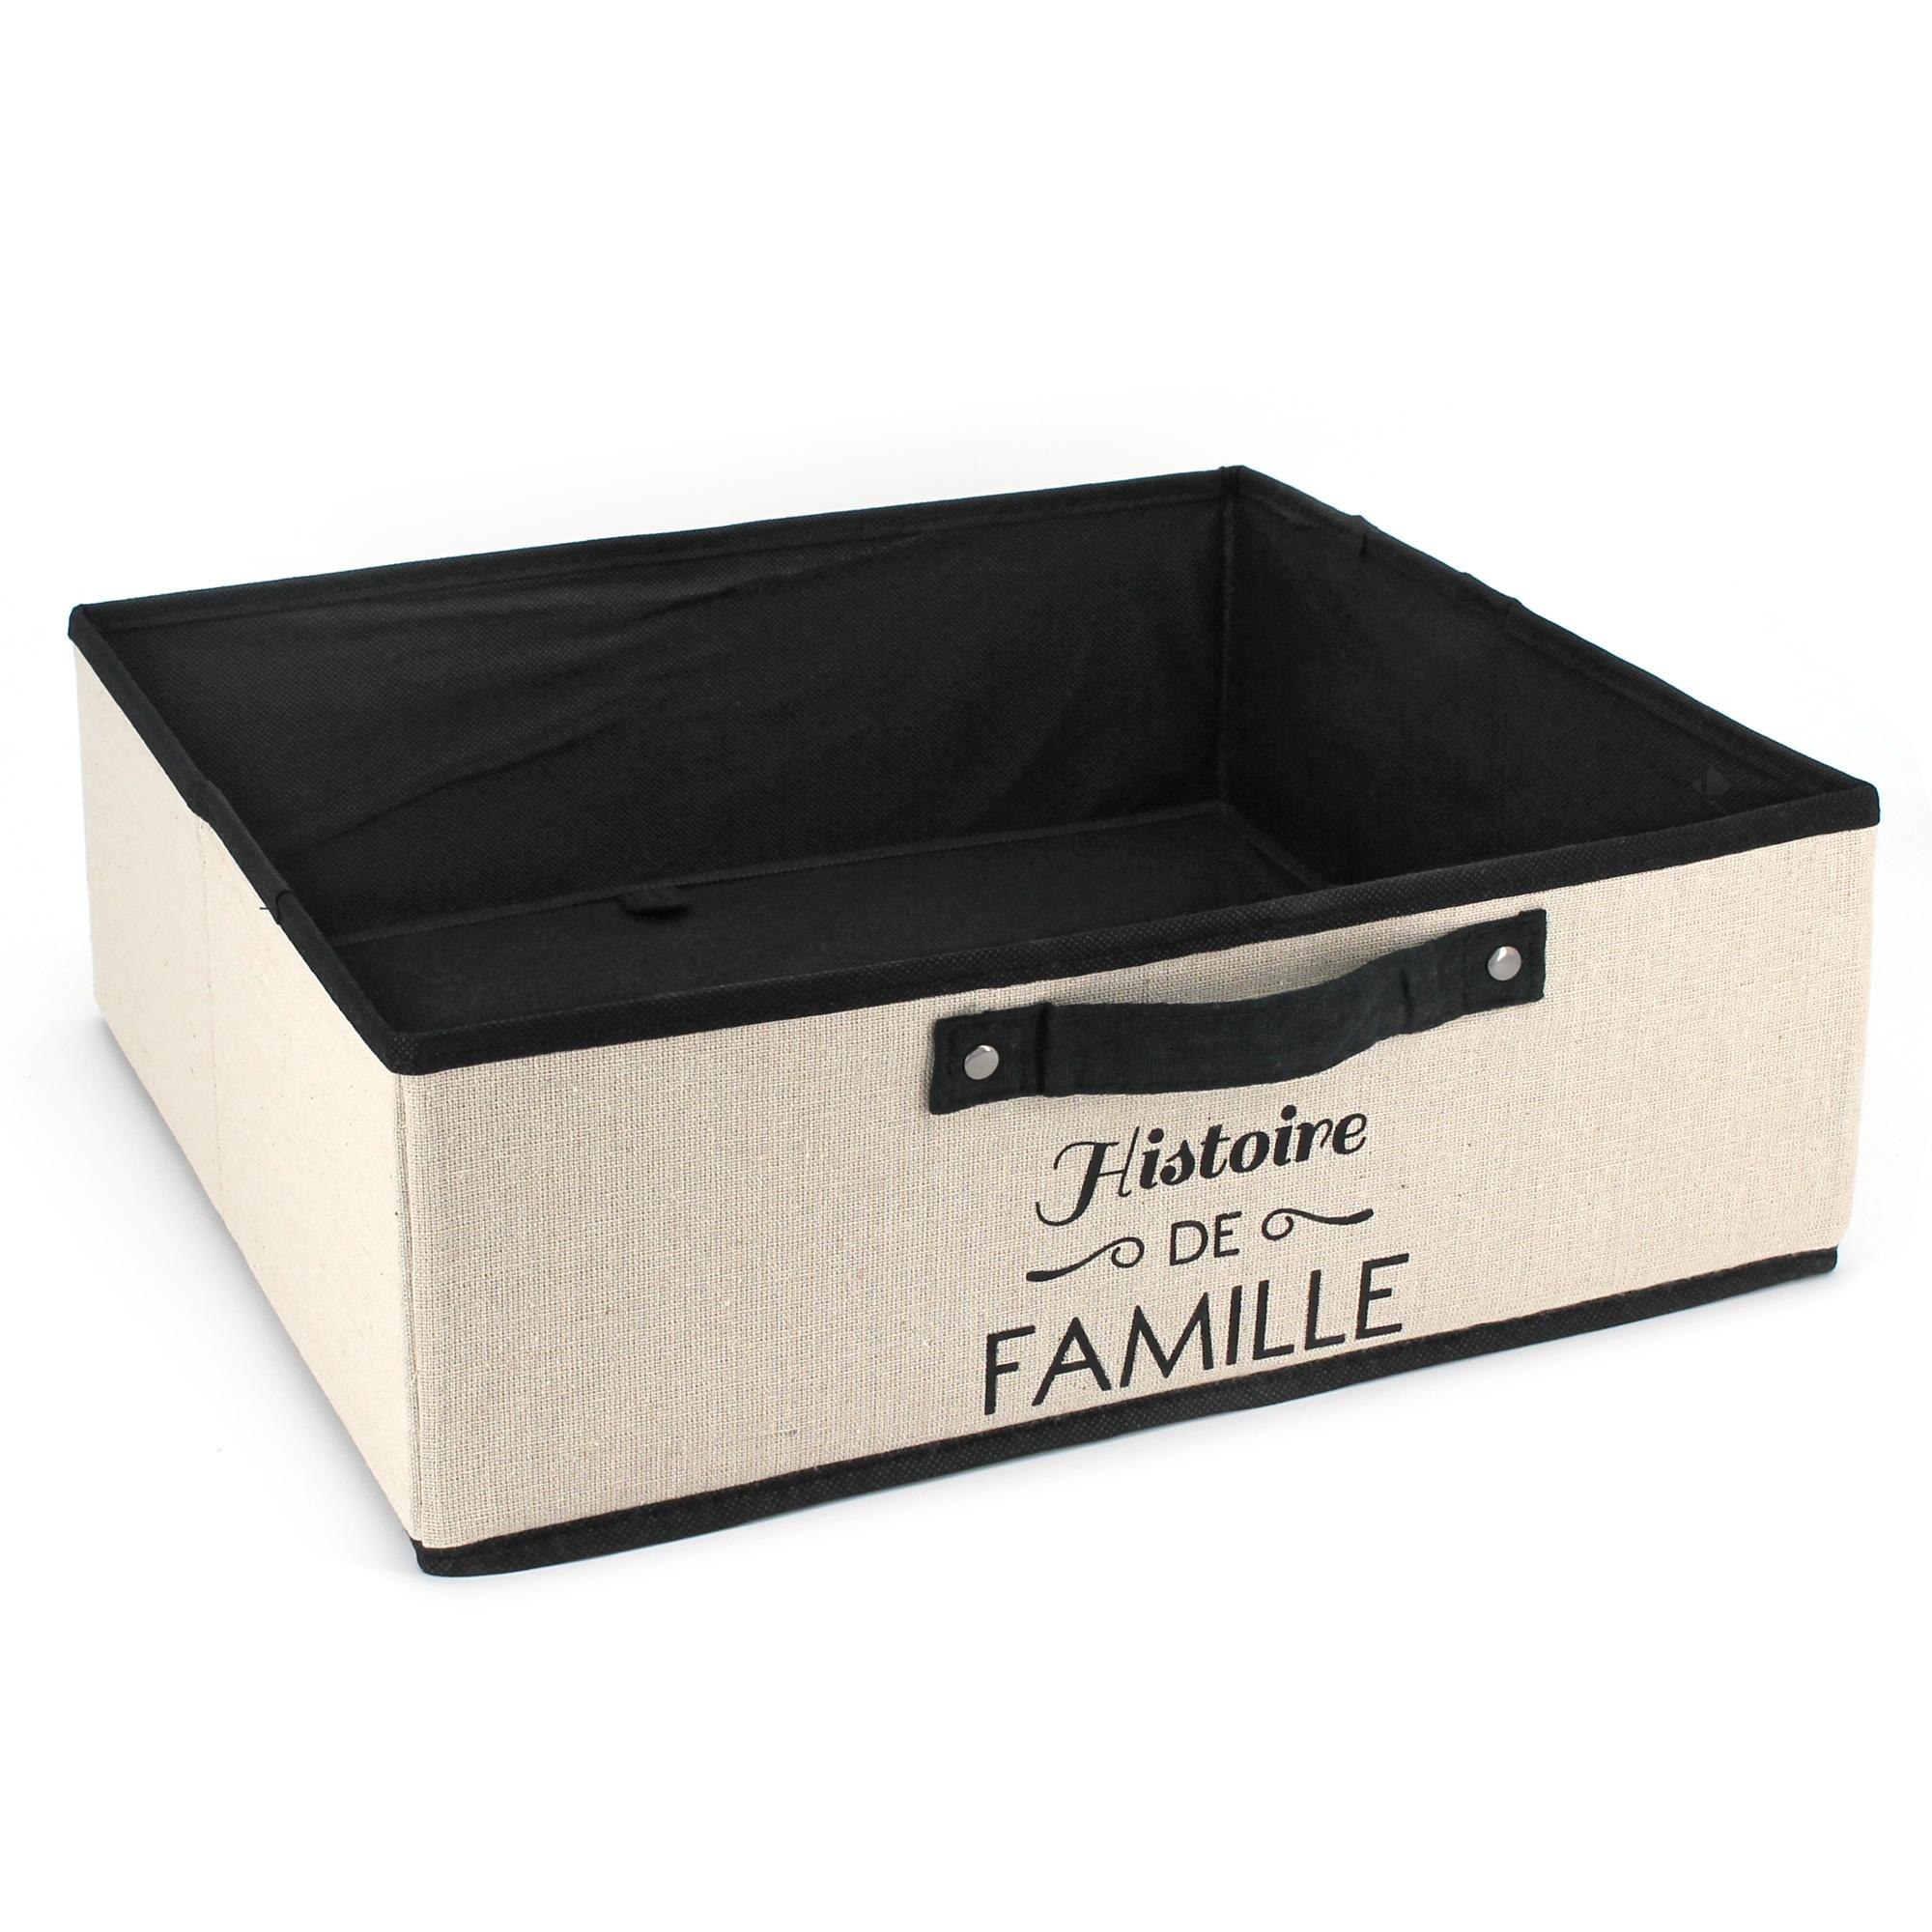 Boite de rangement en carton avec revêtement non tissé 20L beige Histoire de famille | Linnea ...